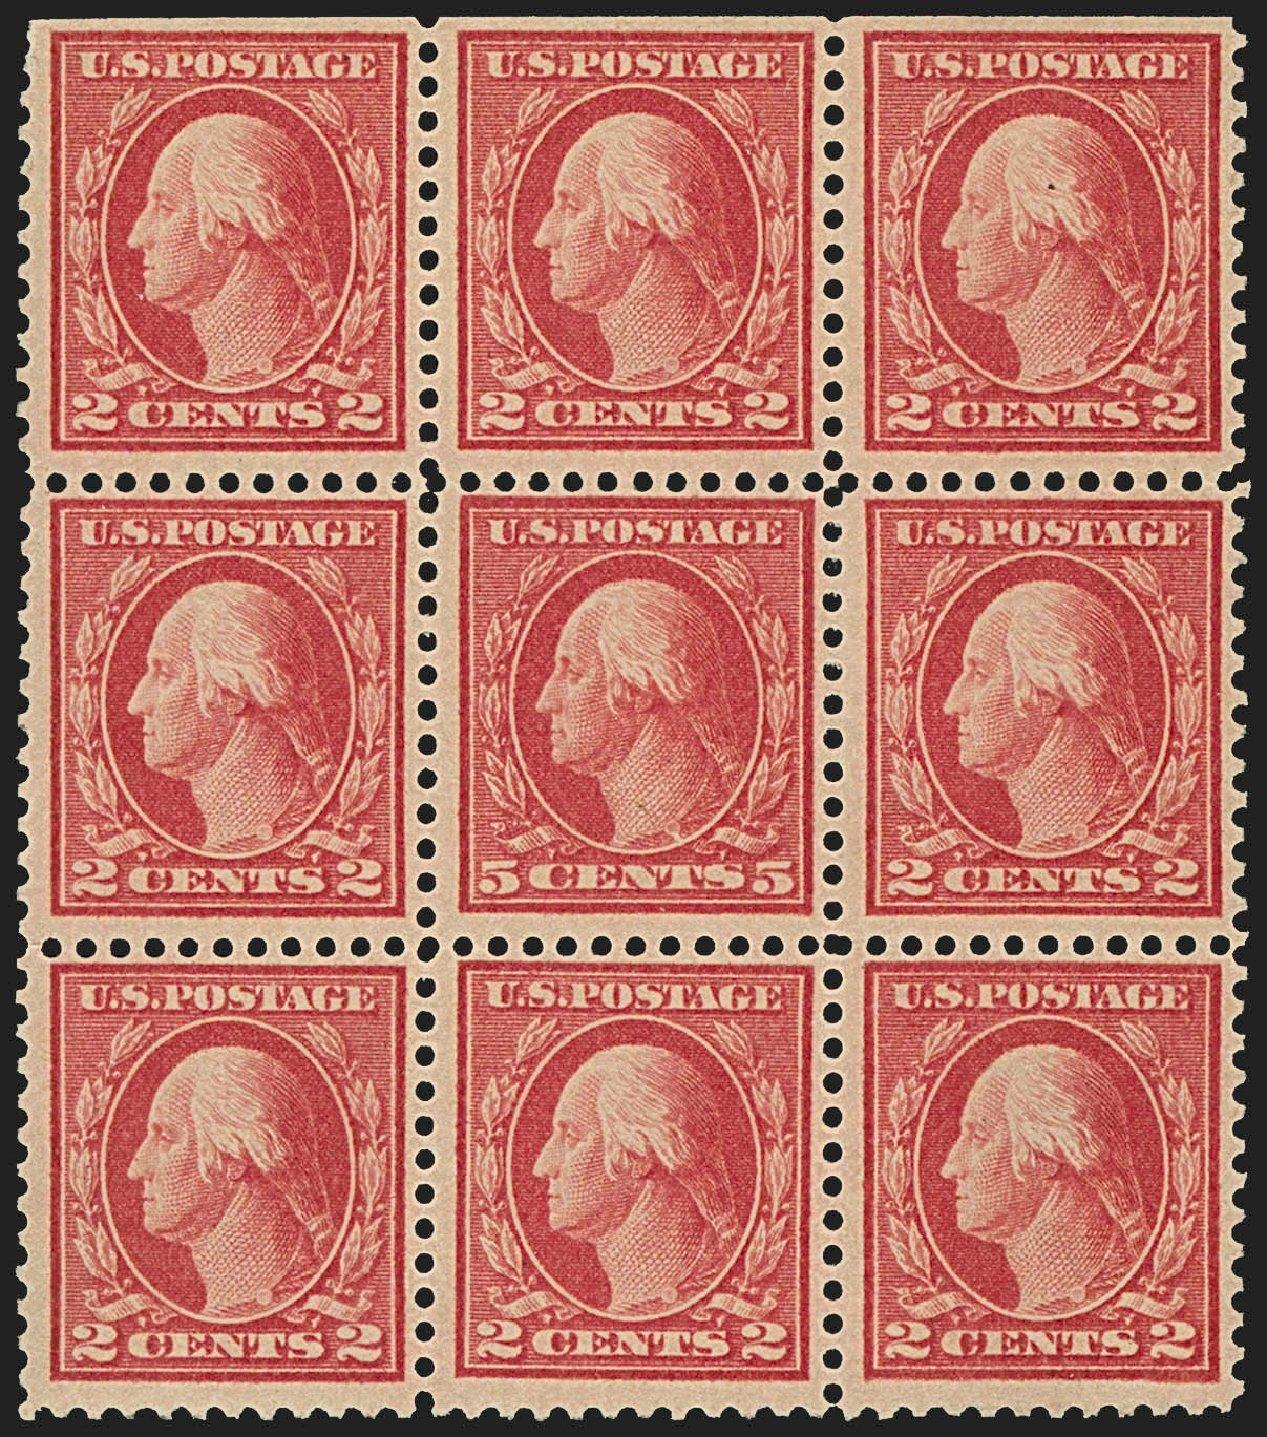 US Stamp Price Scott 505: 5c 1917 Washington Perf 11 Error. Robert Siegel Auction Galleries, Jul 2015, Sale 1107, Lot 498